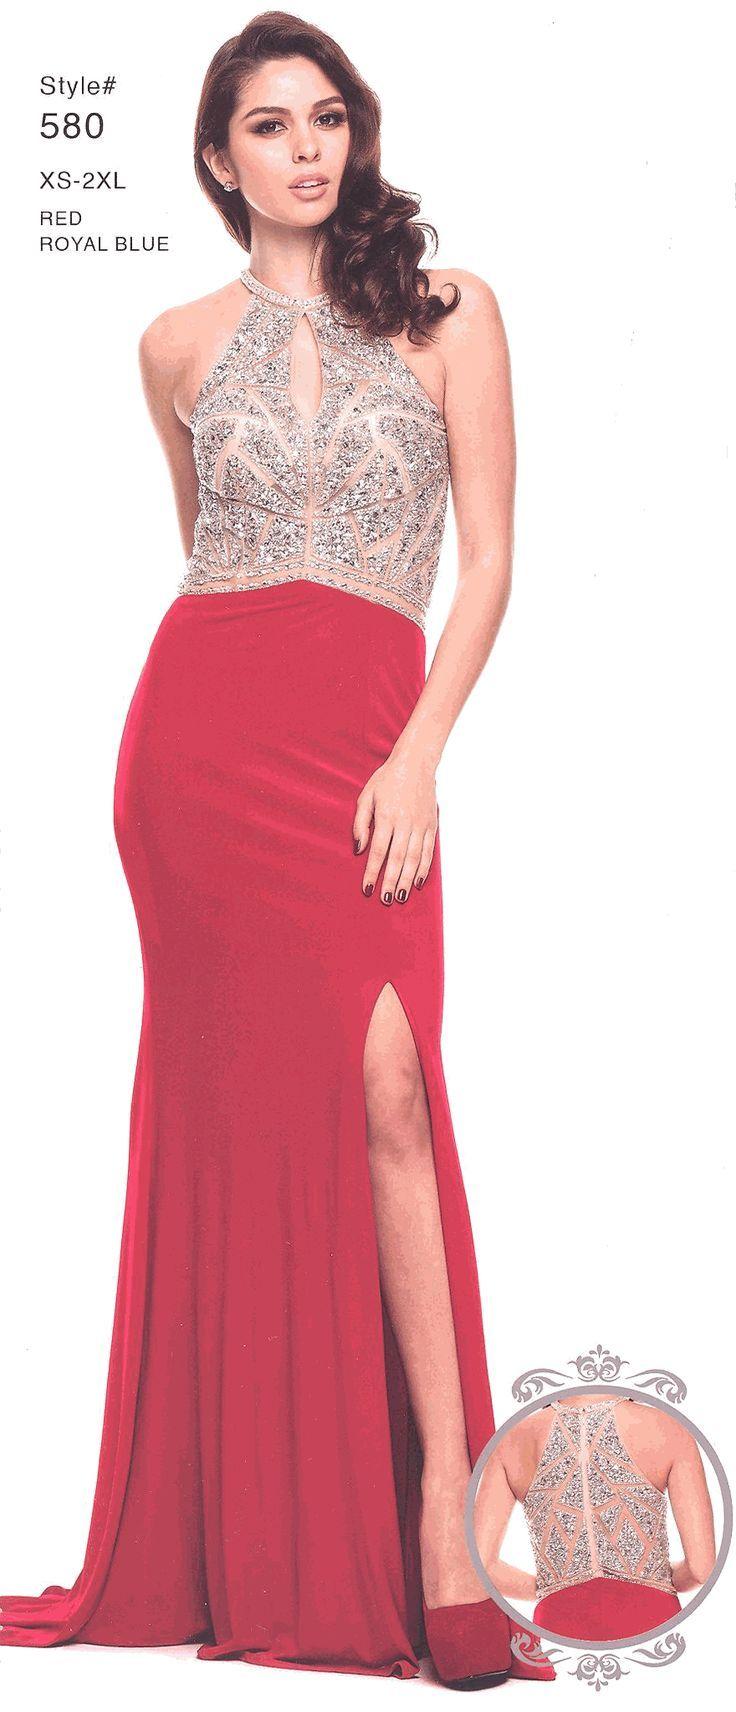 F f floral print prom dress best dress ideas pinterest